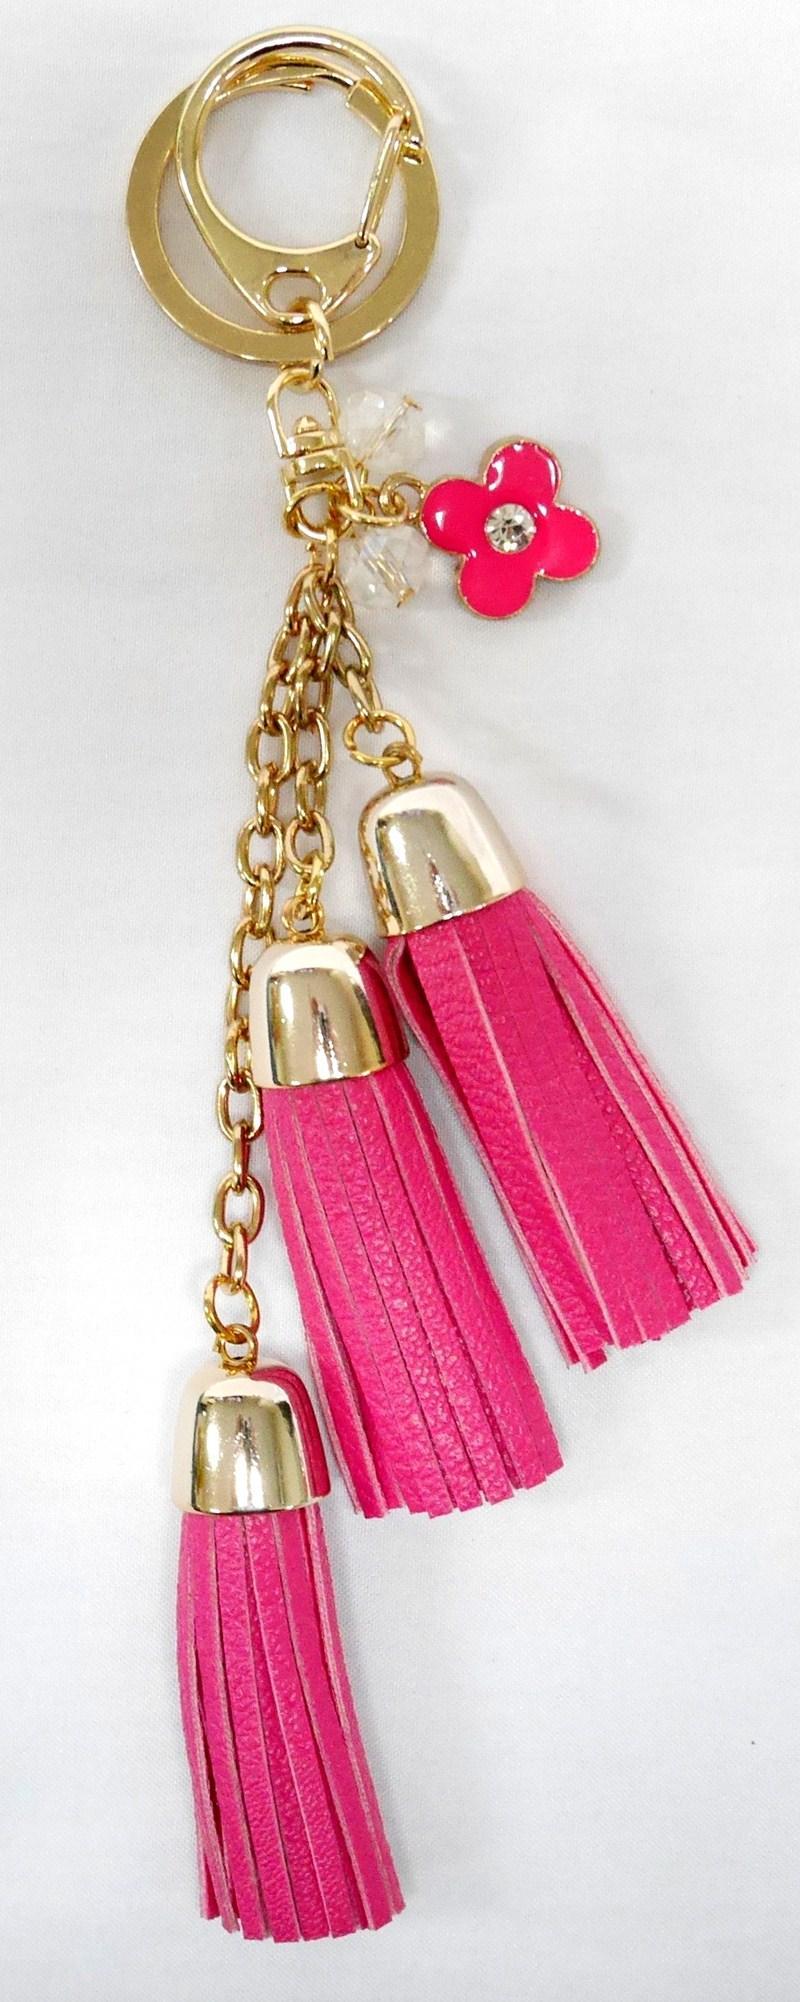 SIV Key Chain KM06 Rumbai 3 Tingkat plus Bunga Gantungan Kunci - Pink